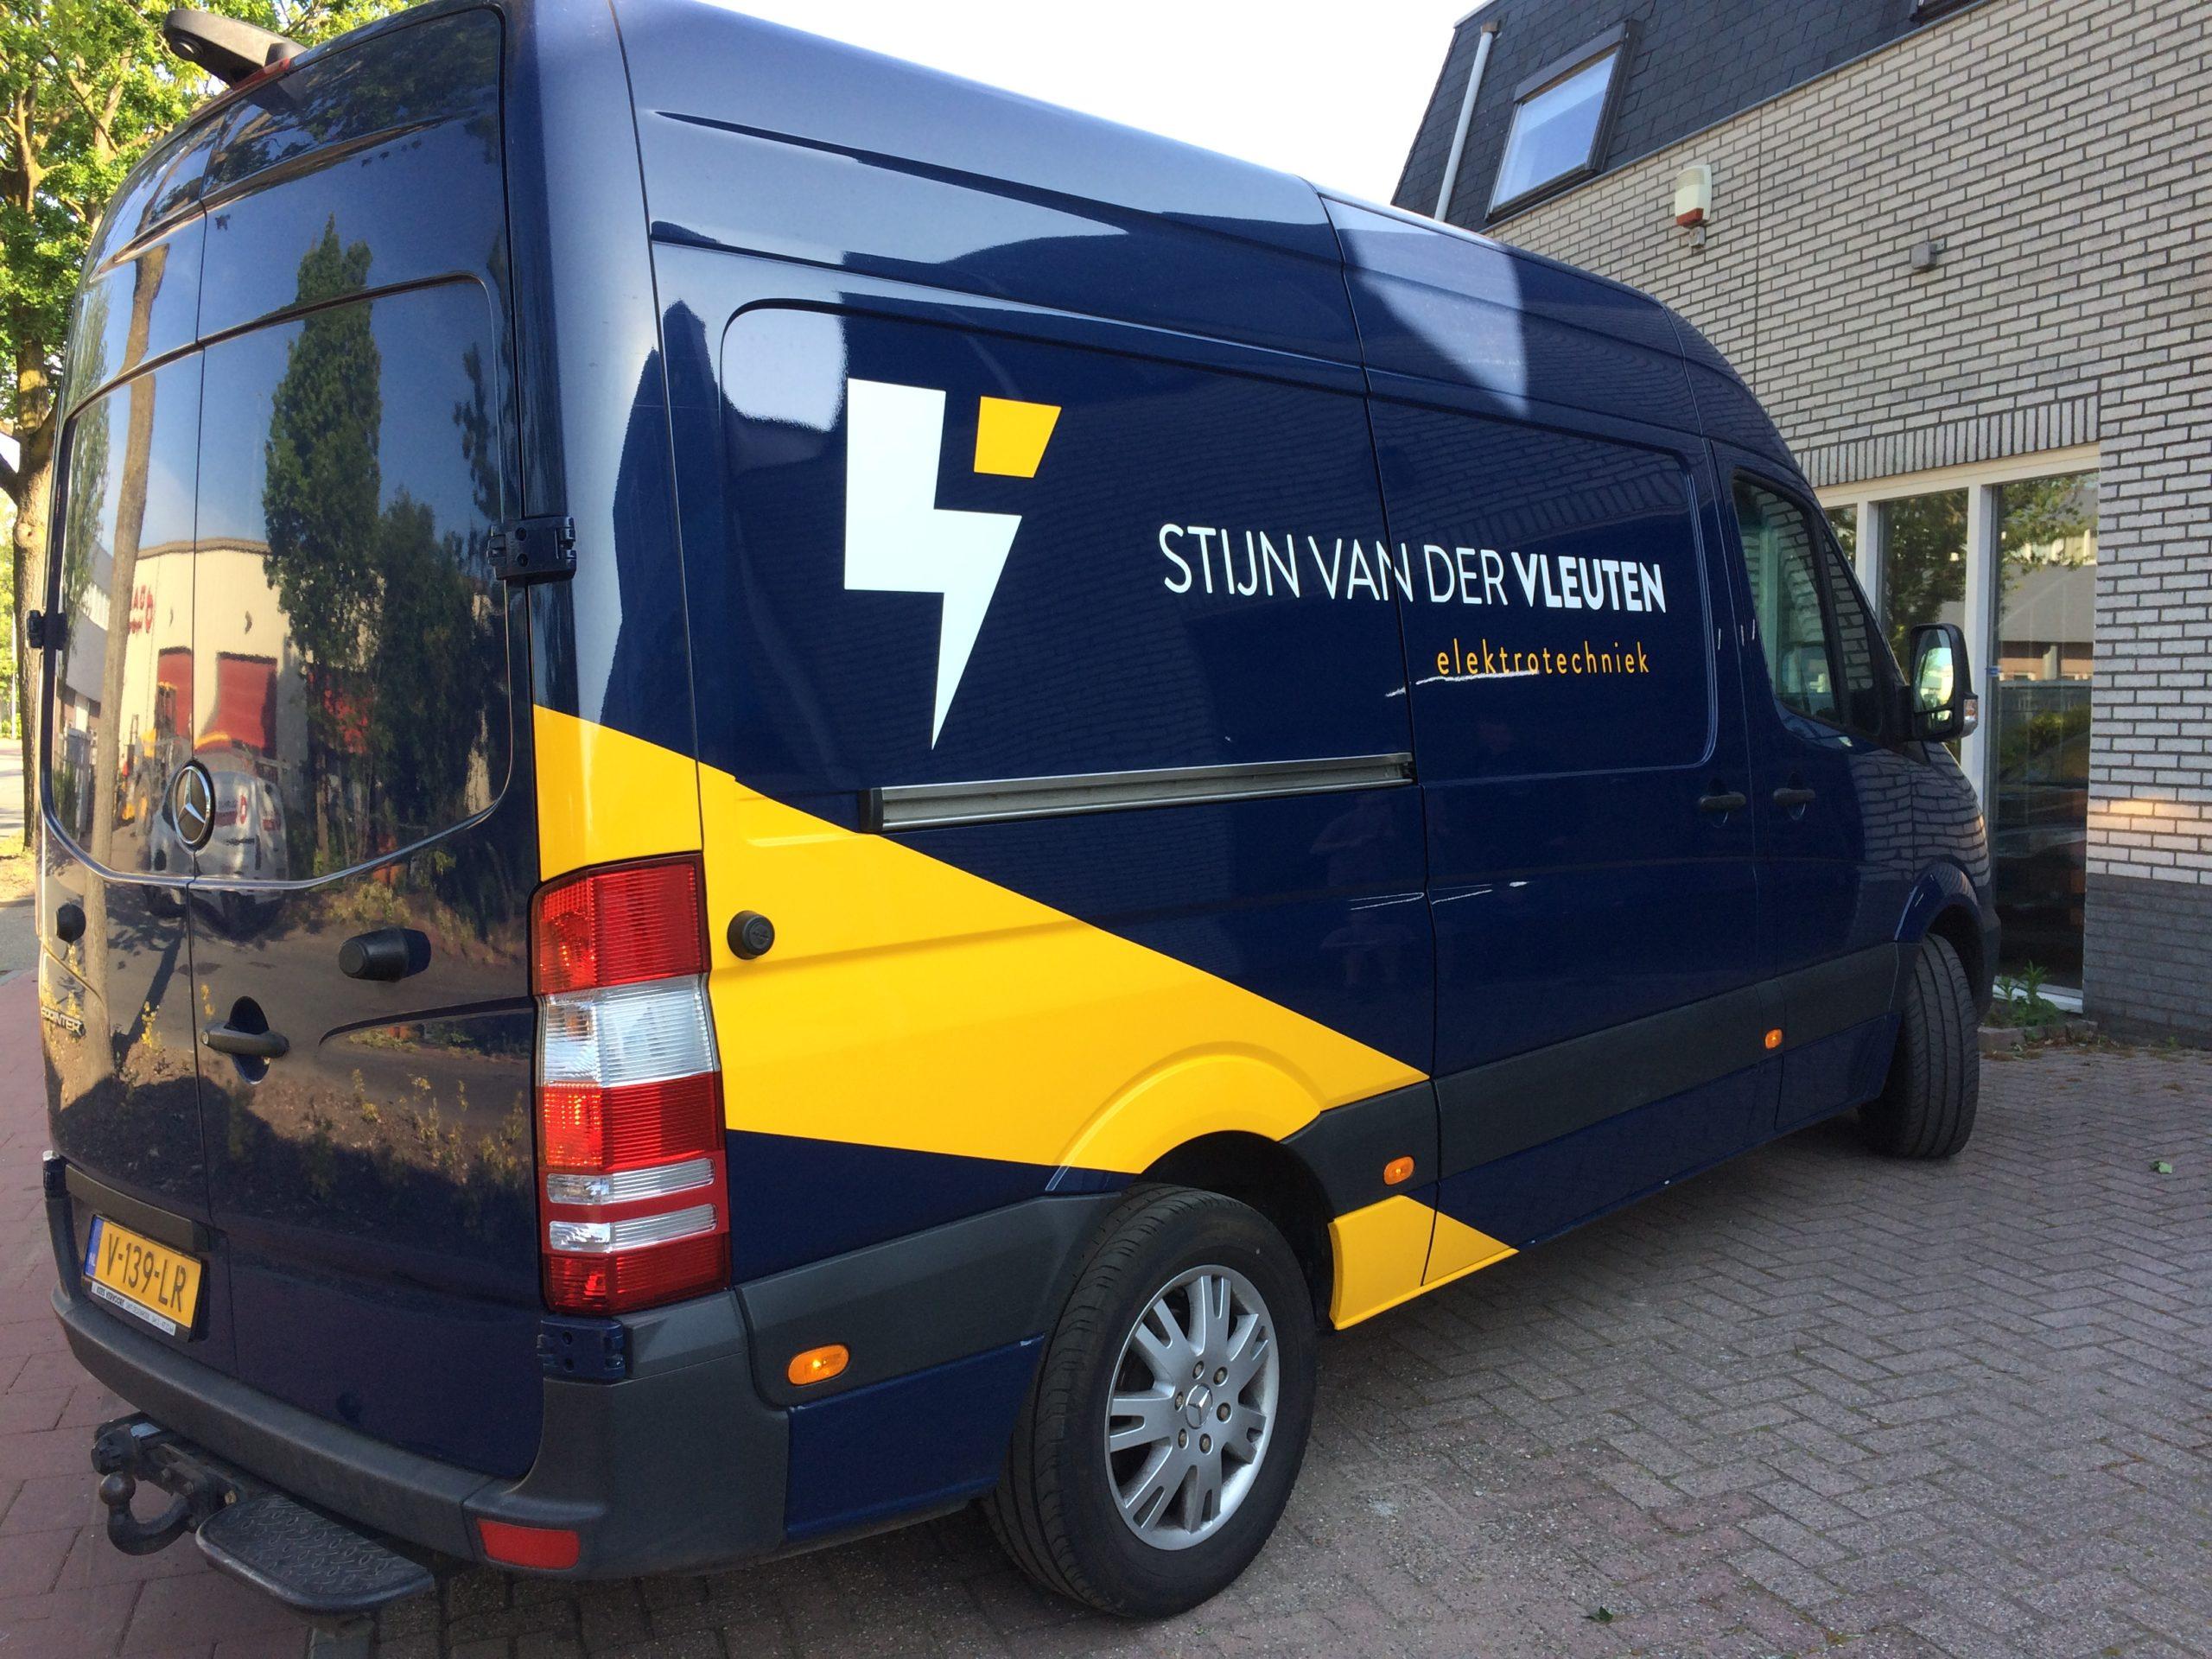 Stijn van der Vleuten Elektrotechniek Belettering Son en Breugel